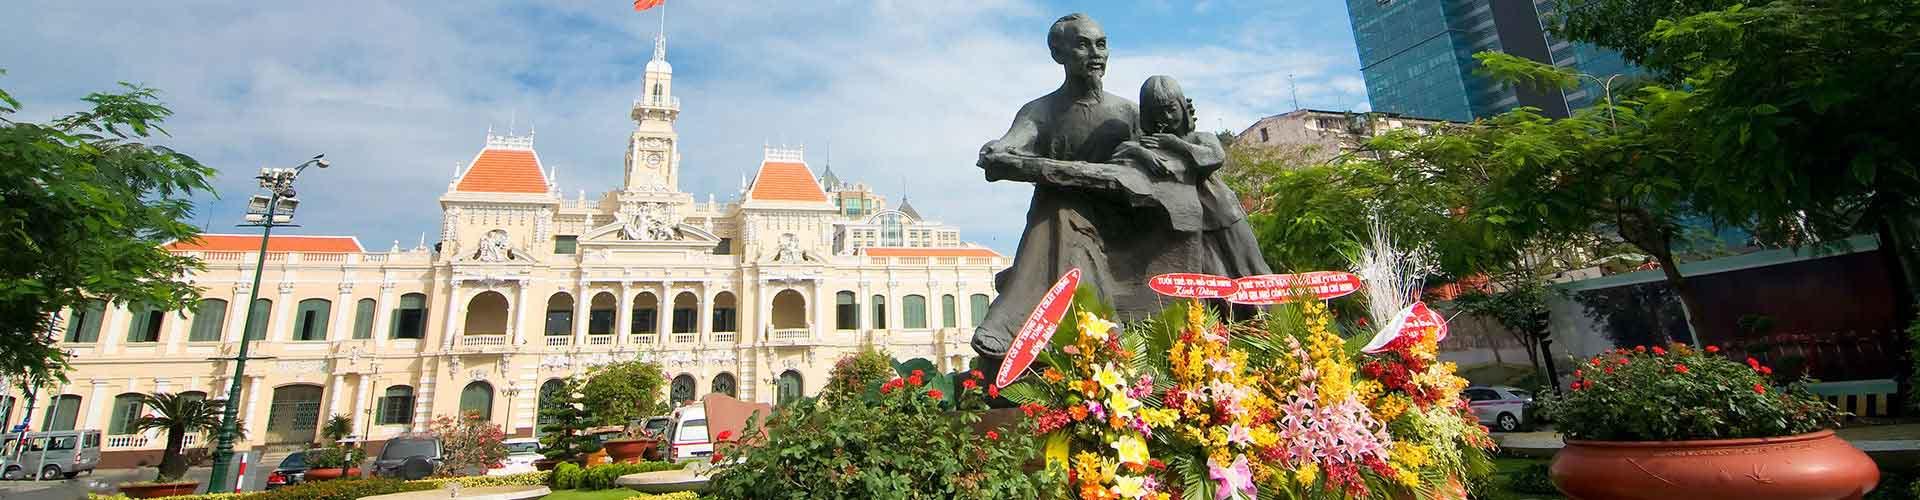 Ho Si Minh-város - Ifjúsági Szállások Ho Si Minh-városben. Ho Si Minh-város térképek, fotók és ajánlások minden egyes ifjúsági szállásokra Ho Si Minh-város-ben.